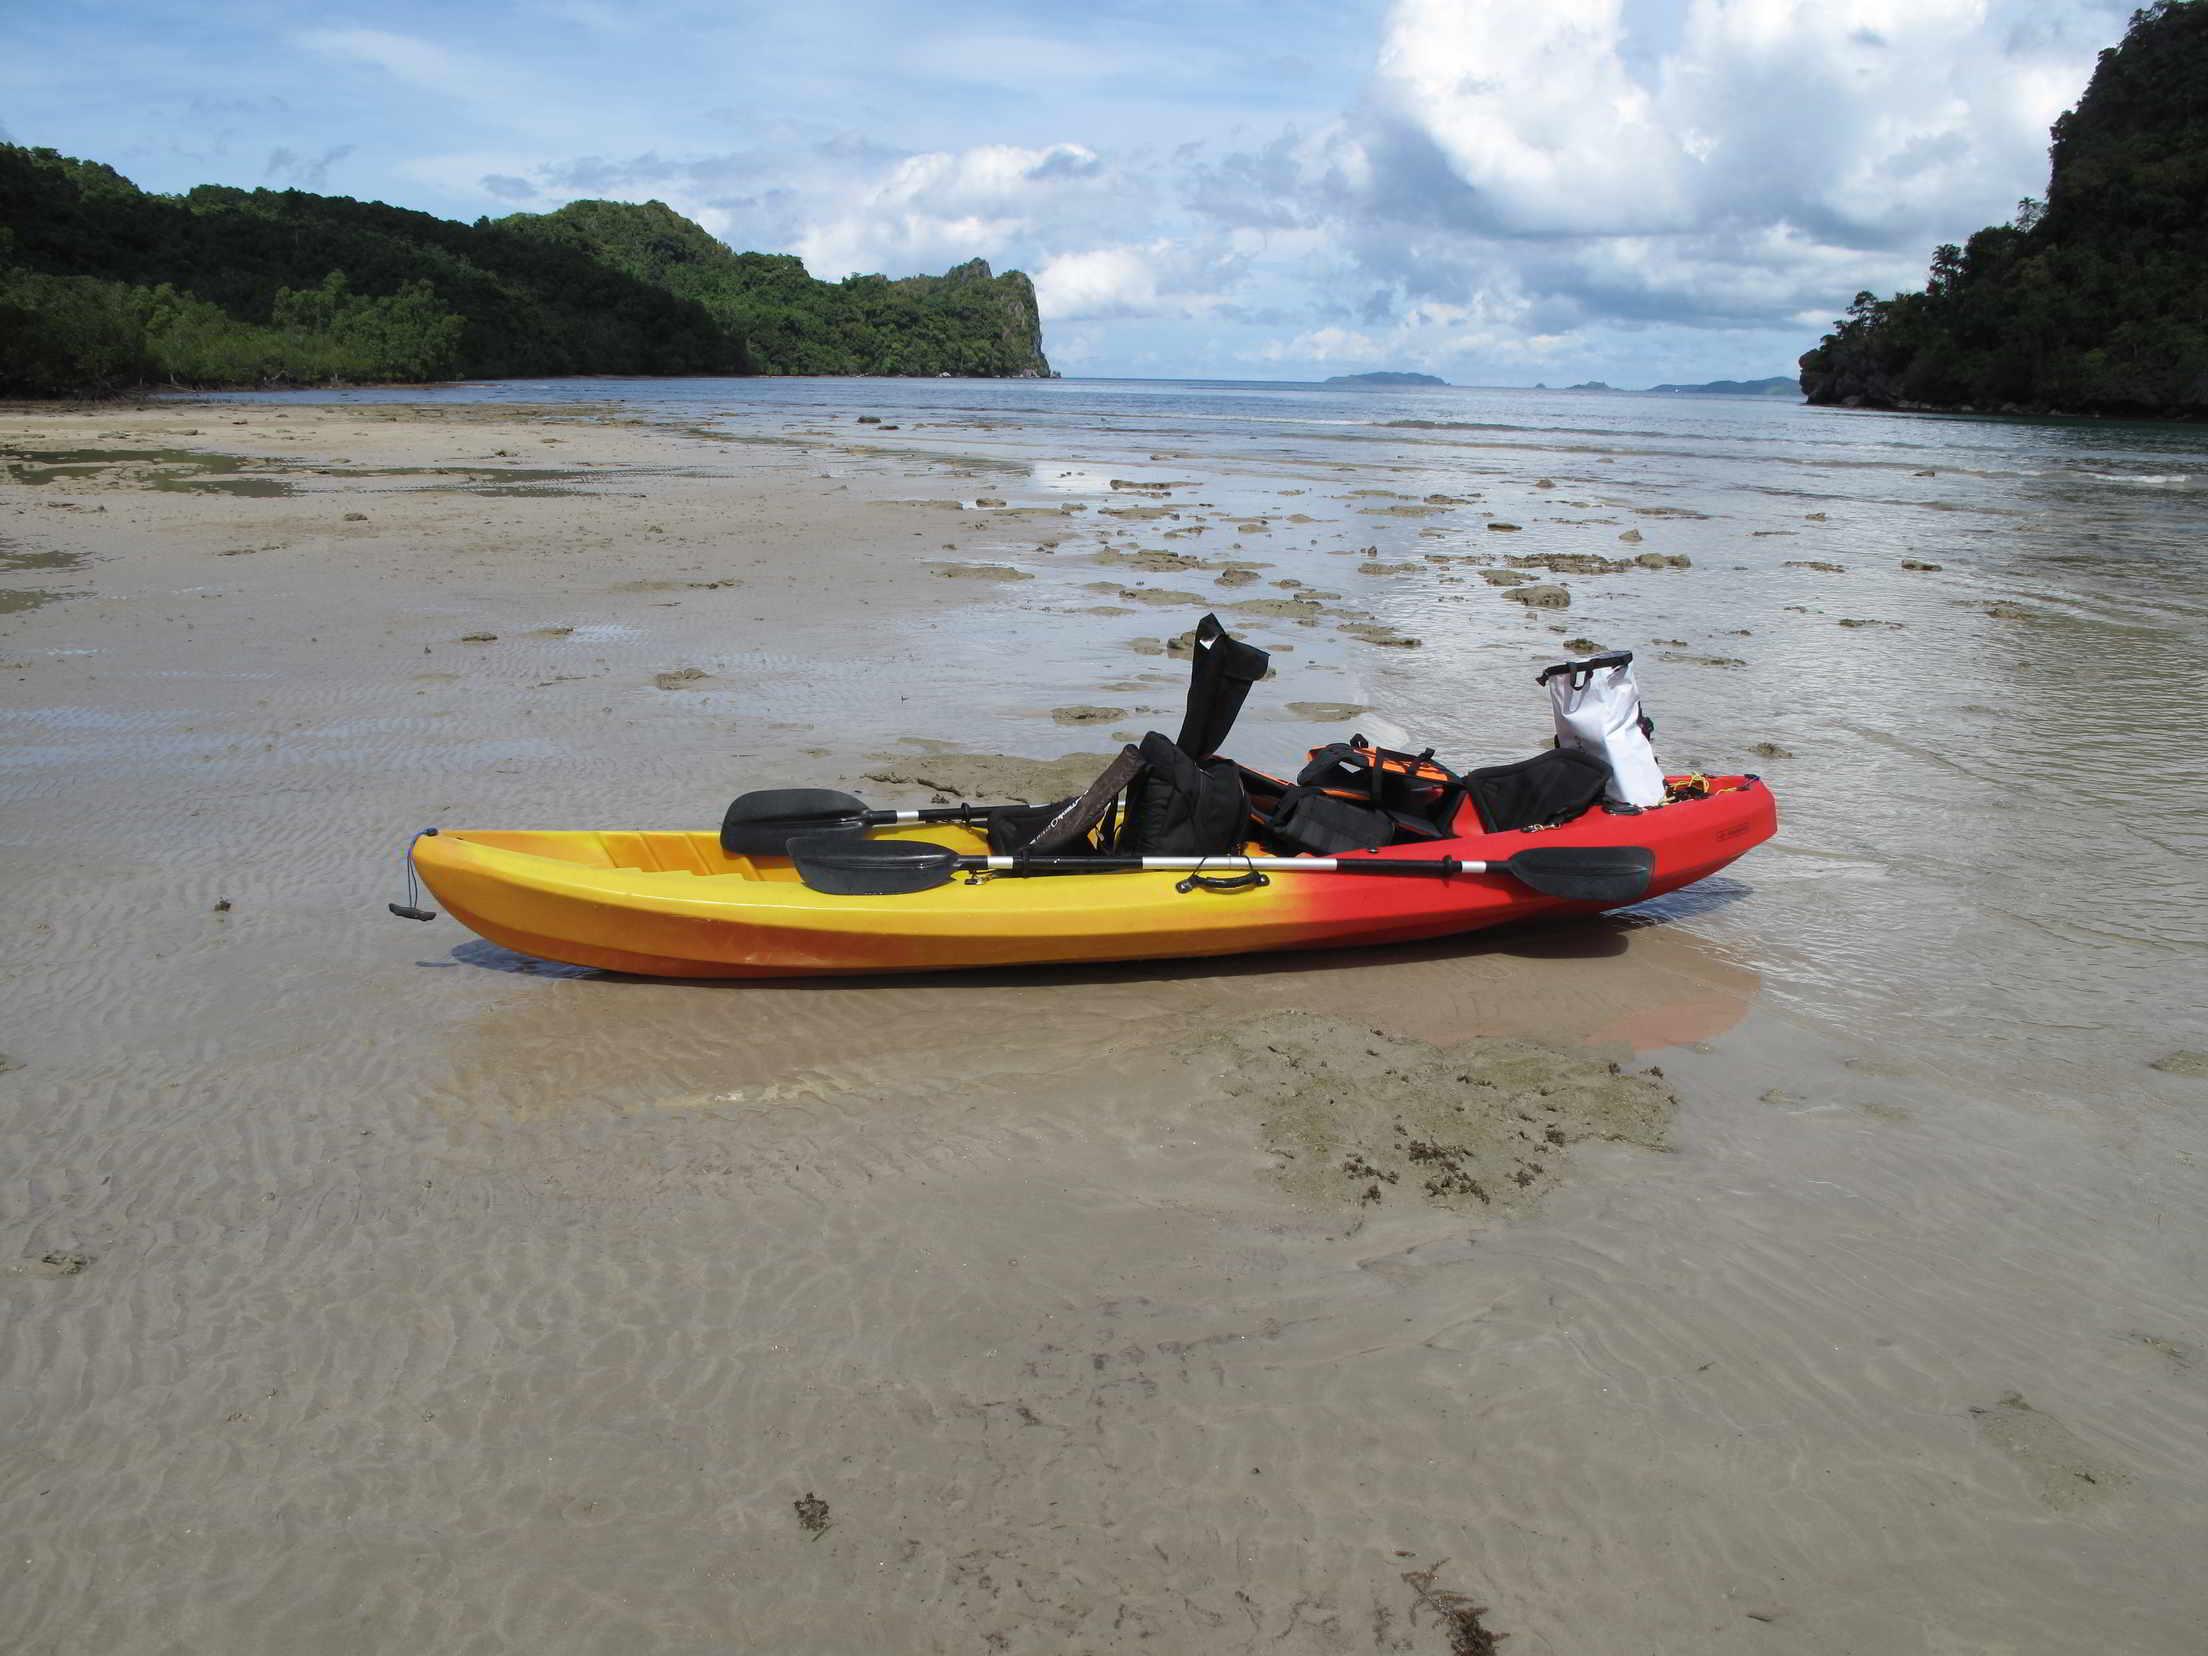 Kayakangeln auf Sandstrand am Meer